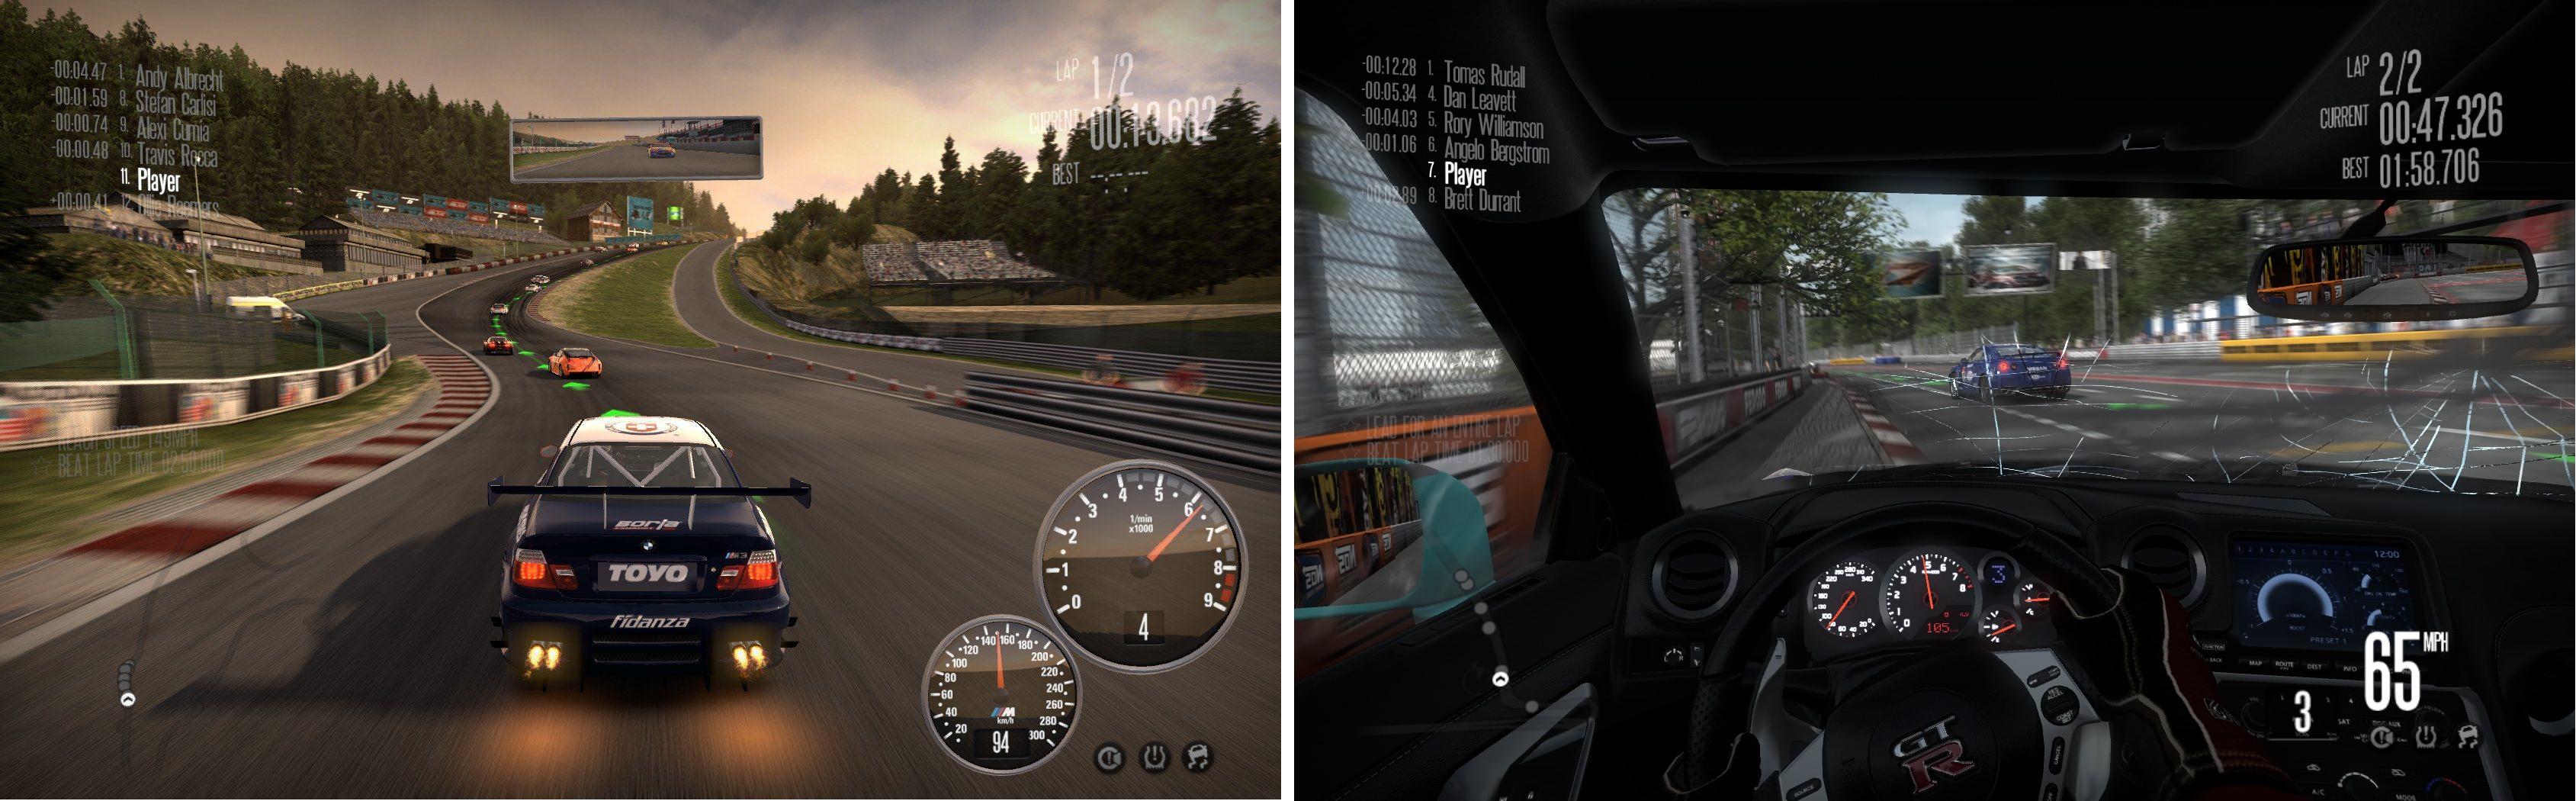 История в картинках (Need for Speed) - Изображение 15